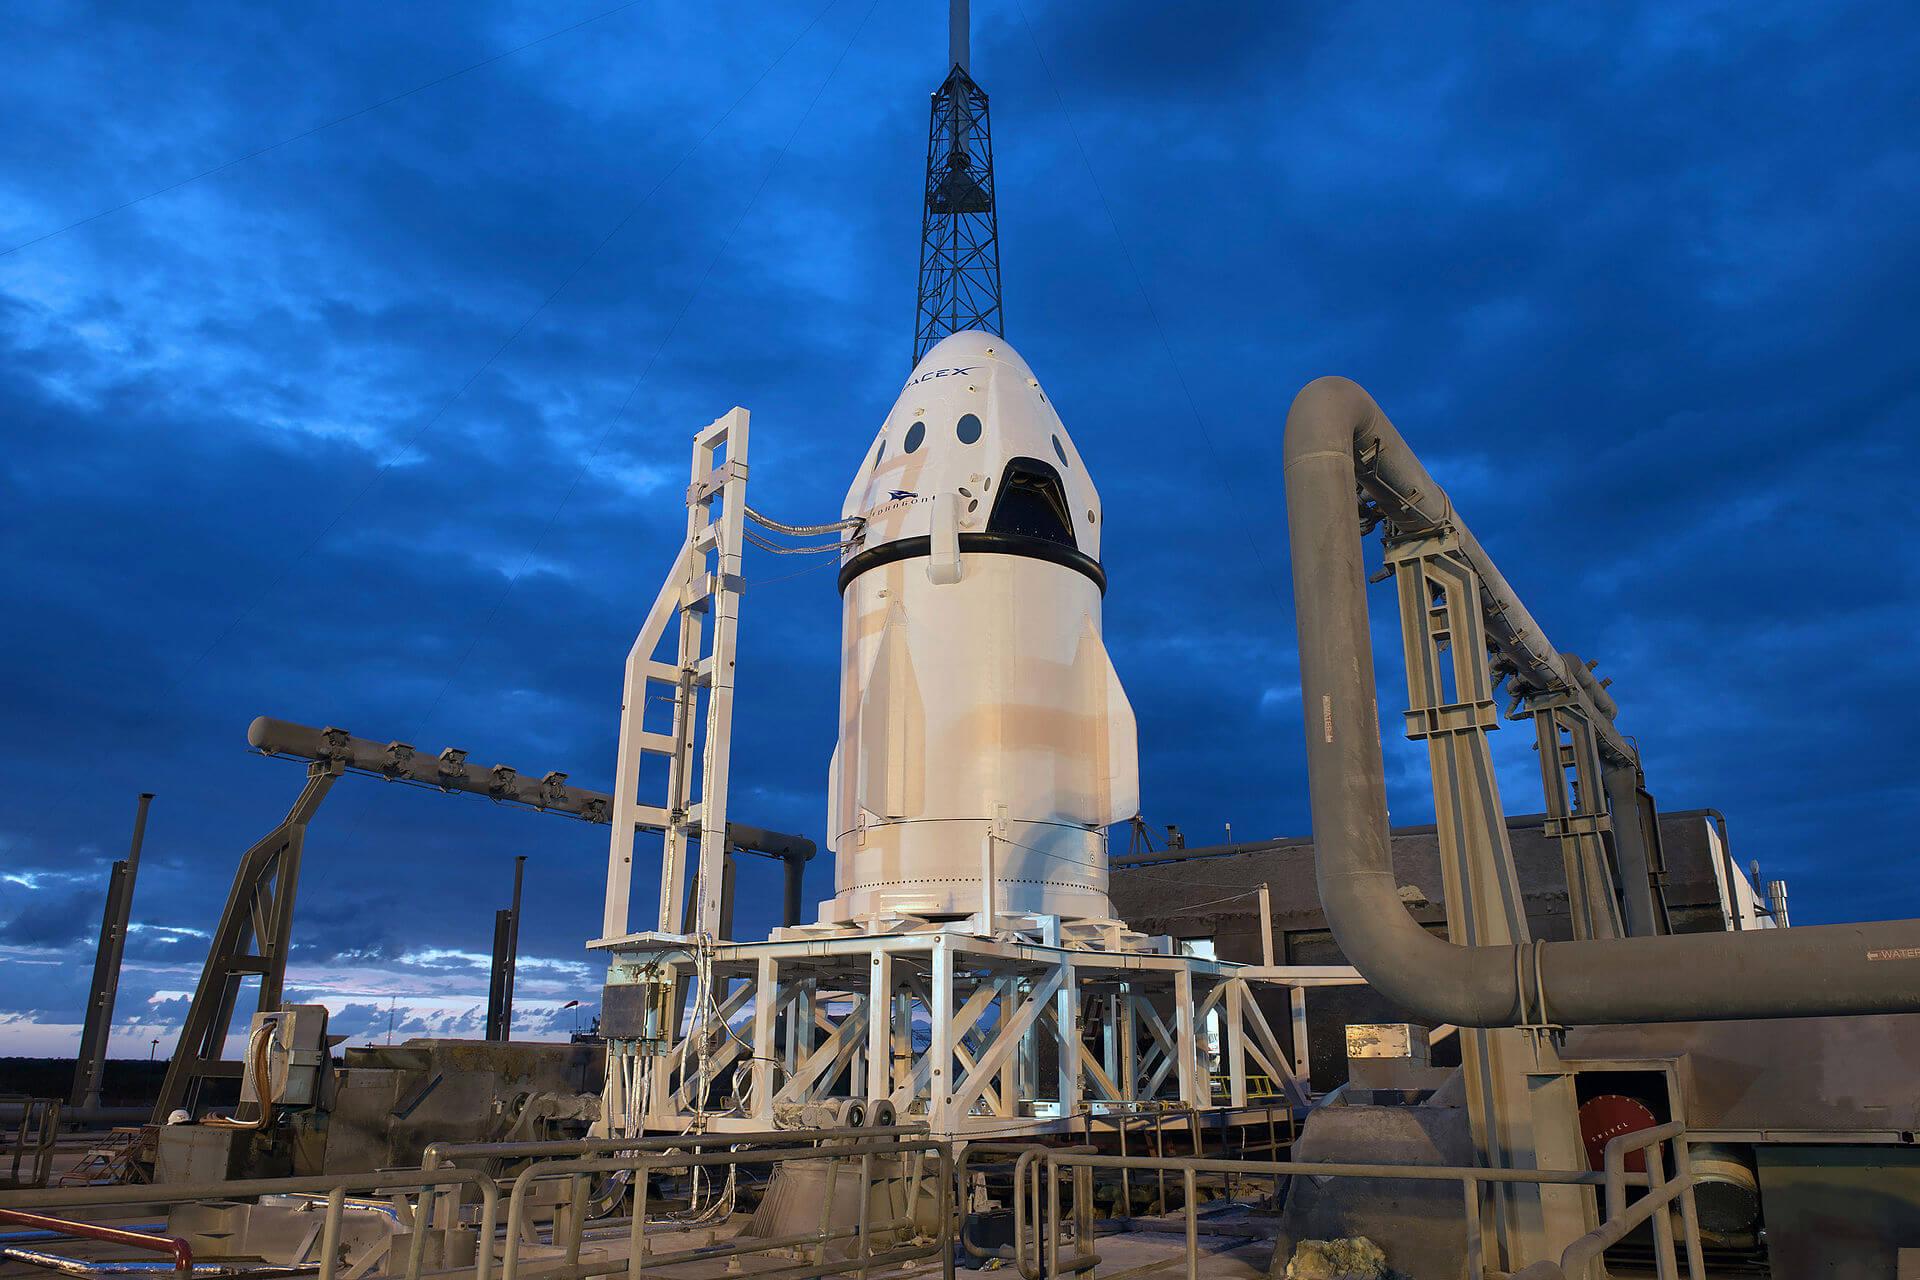 Первый российский космонавт в экипаже Crew Dragon проходил подготовку на Кубани